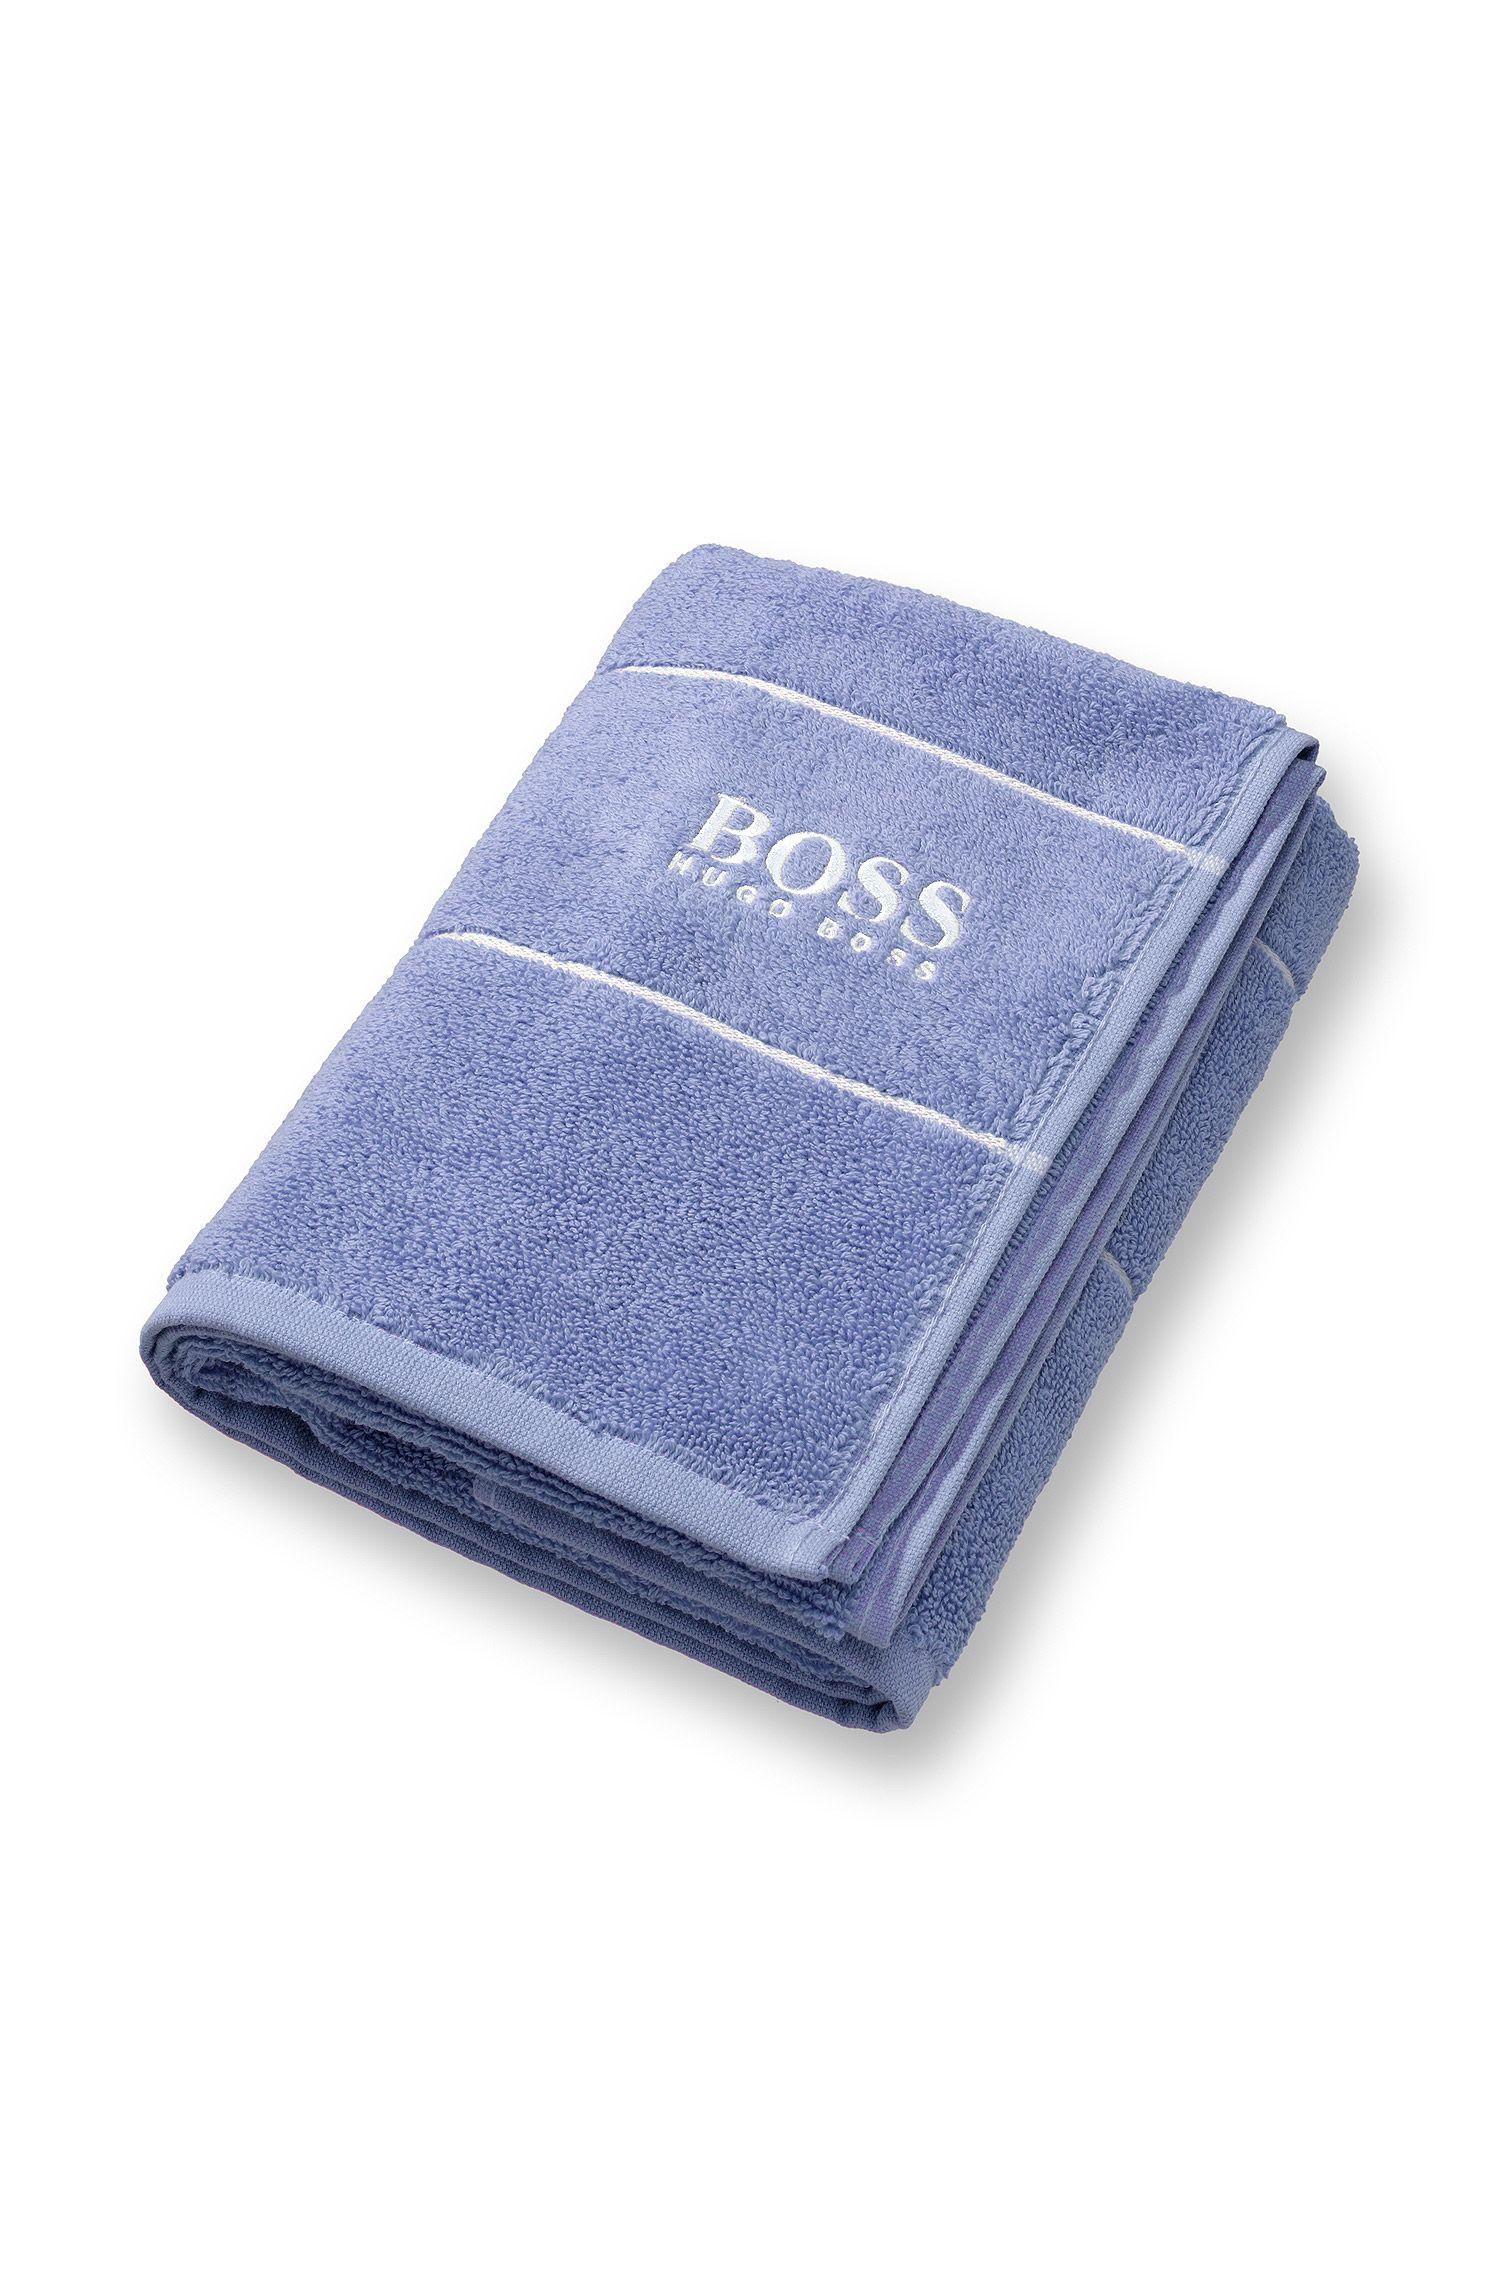 Toalla de mano en algodón egipcio de la máxima calidad con logo en el borde, Azul